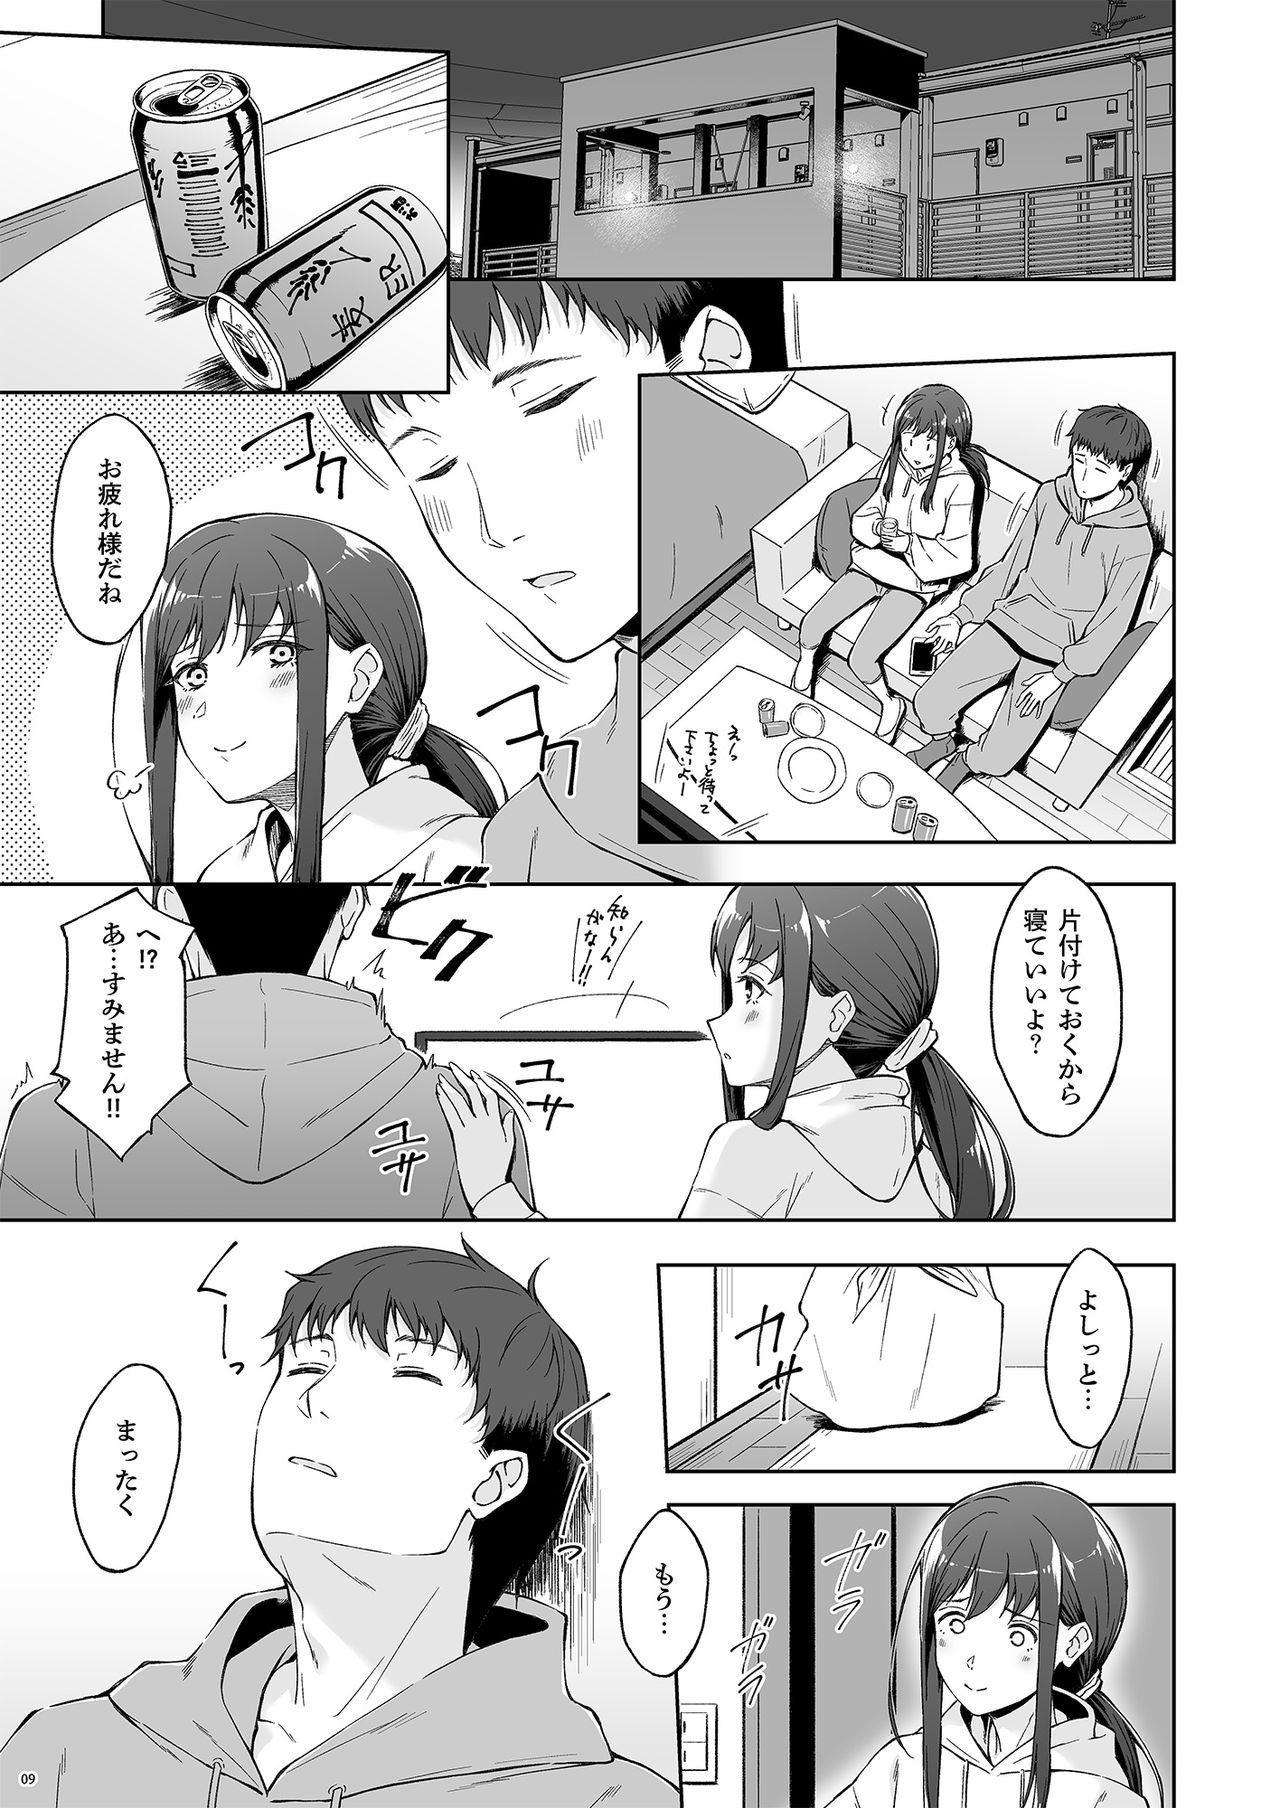 Kyuujitsu no Joushi ni wa, Kawaii Himitsu ga Aru. 2 6